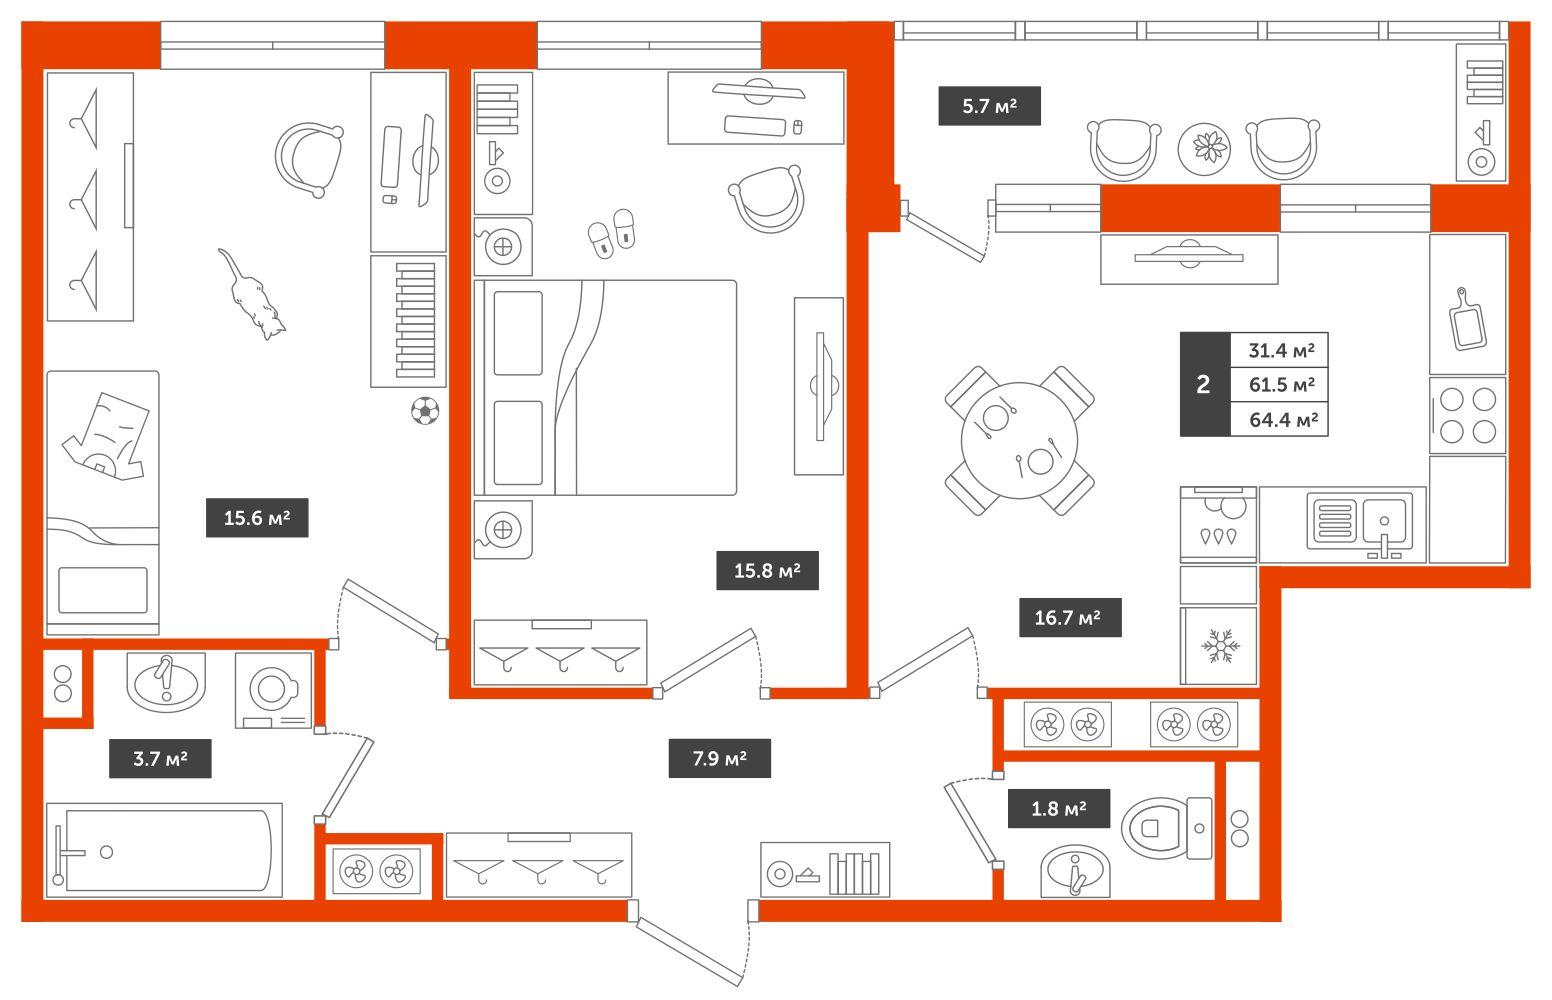 2-комнатная квартира, 64.4м² за 6,2 млн руб.